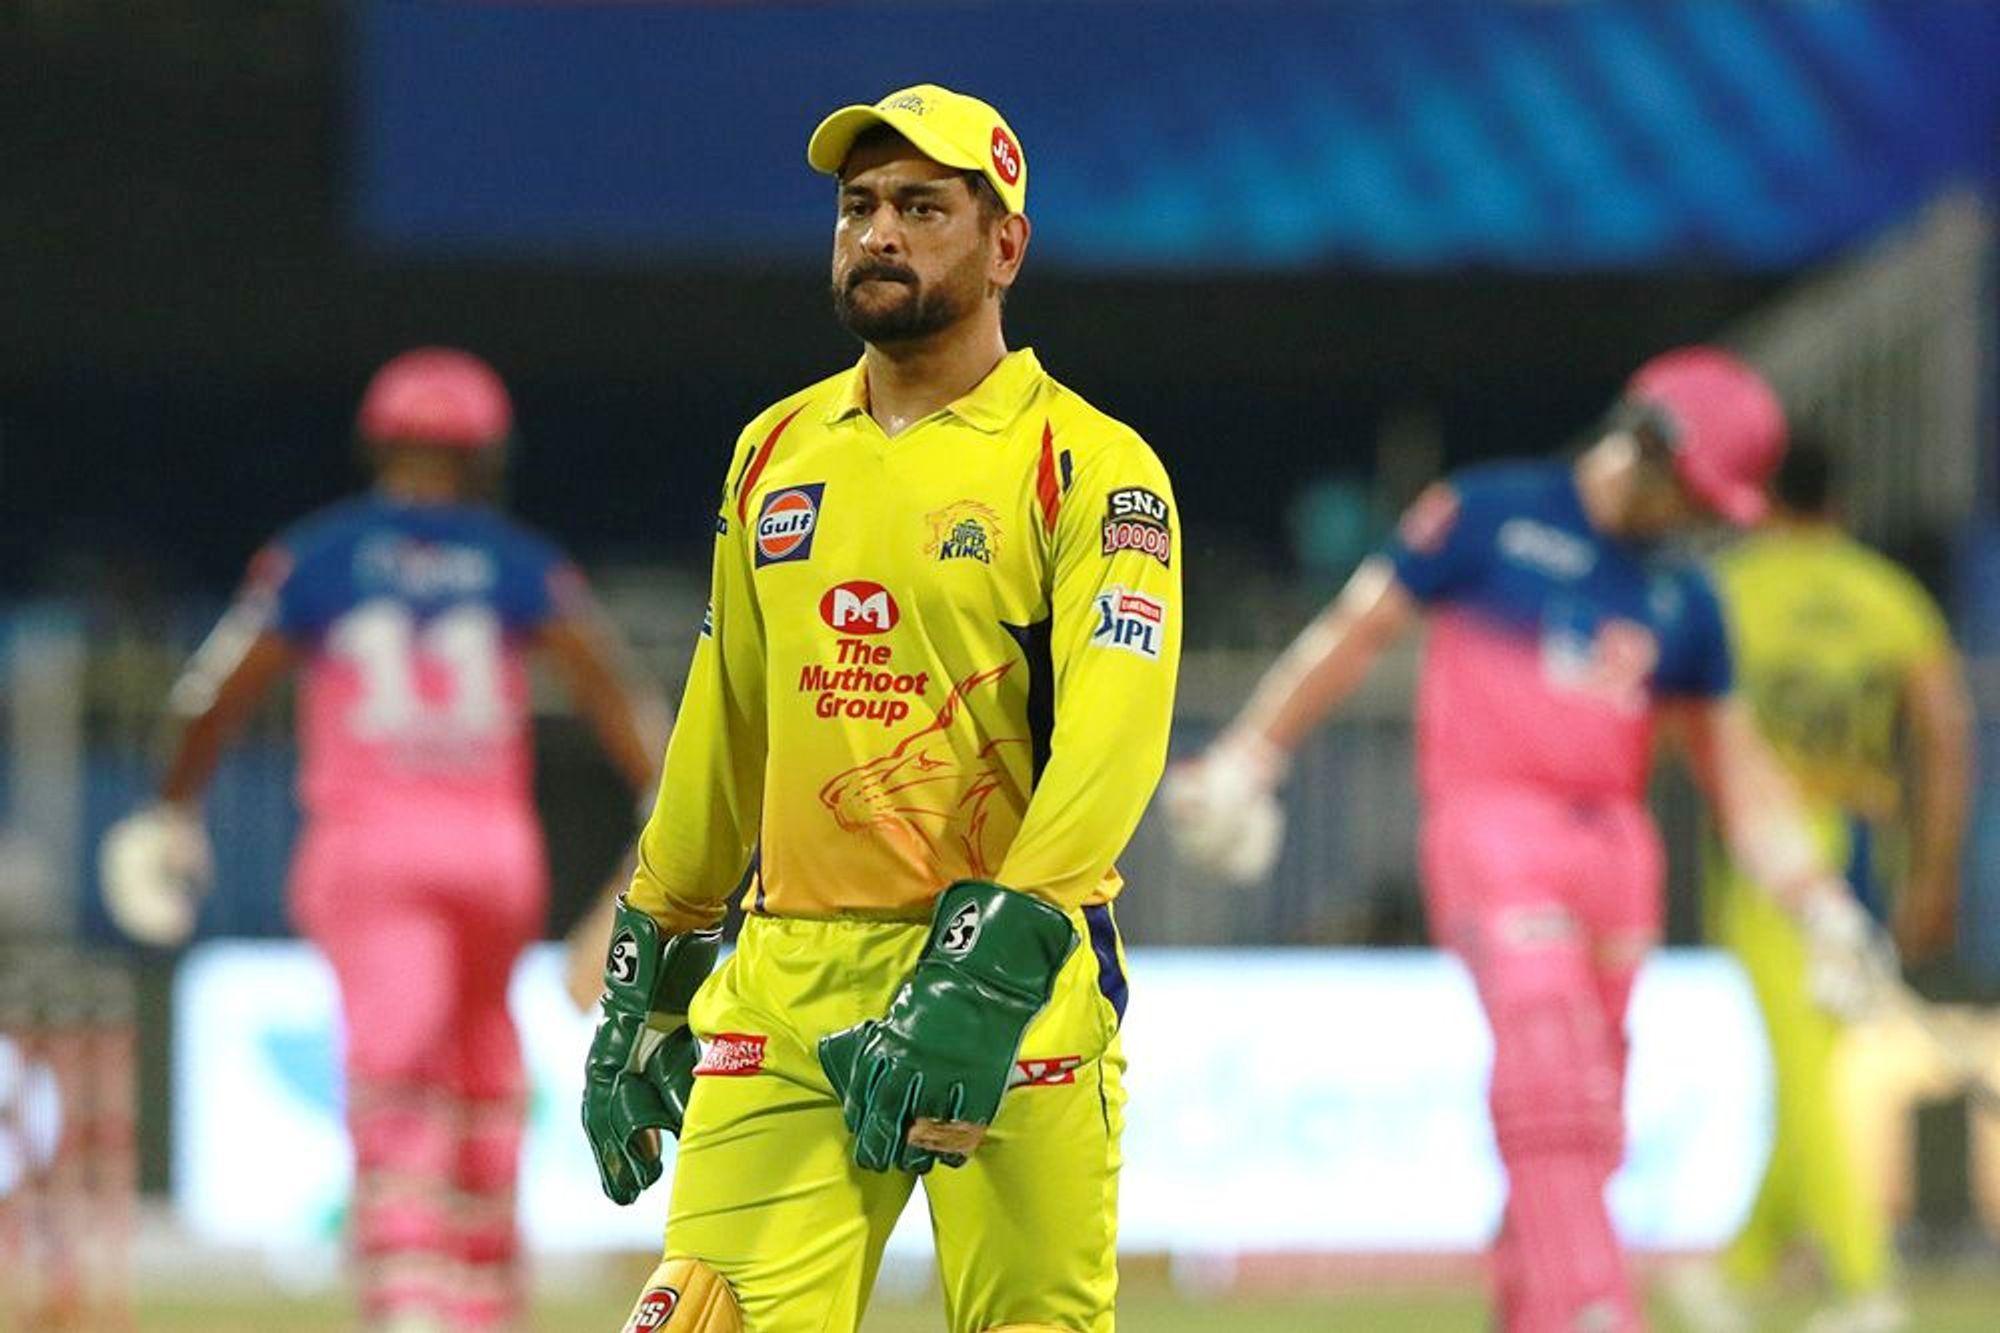 महेन्द्र सिंह धोनीको टोली चेन्नई सुपर किंग्सले जारी आईपीएलमा किन राम्रो प्रदर्शन गर्न सकेन ?